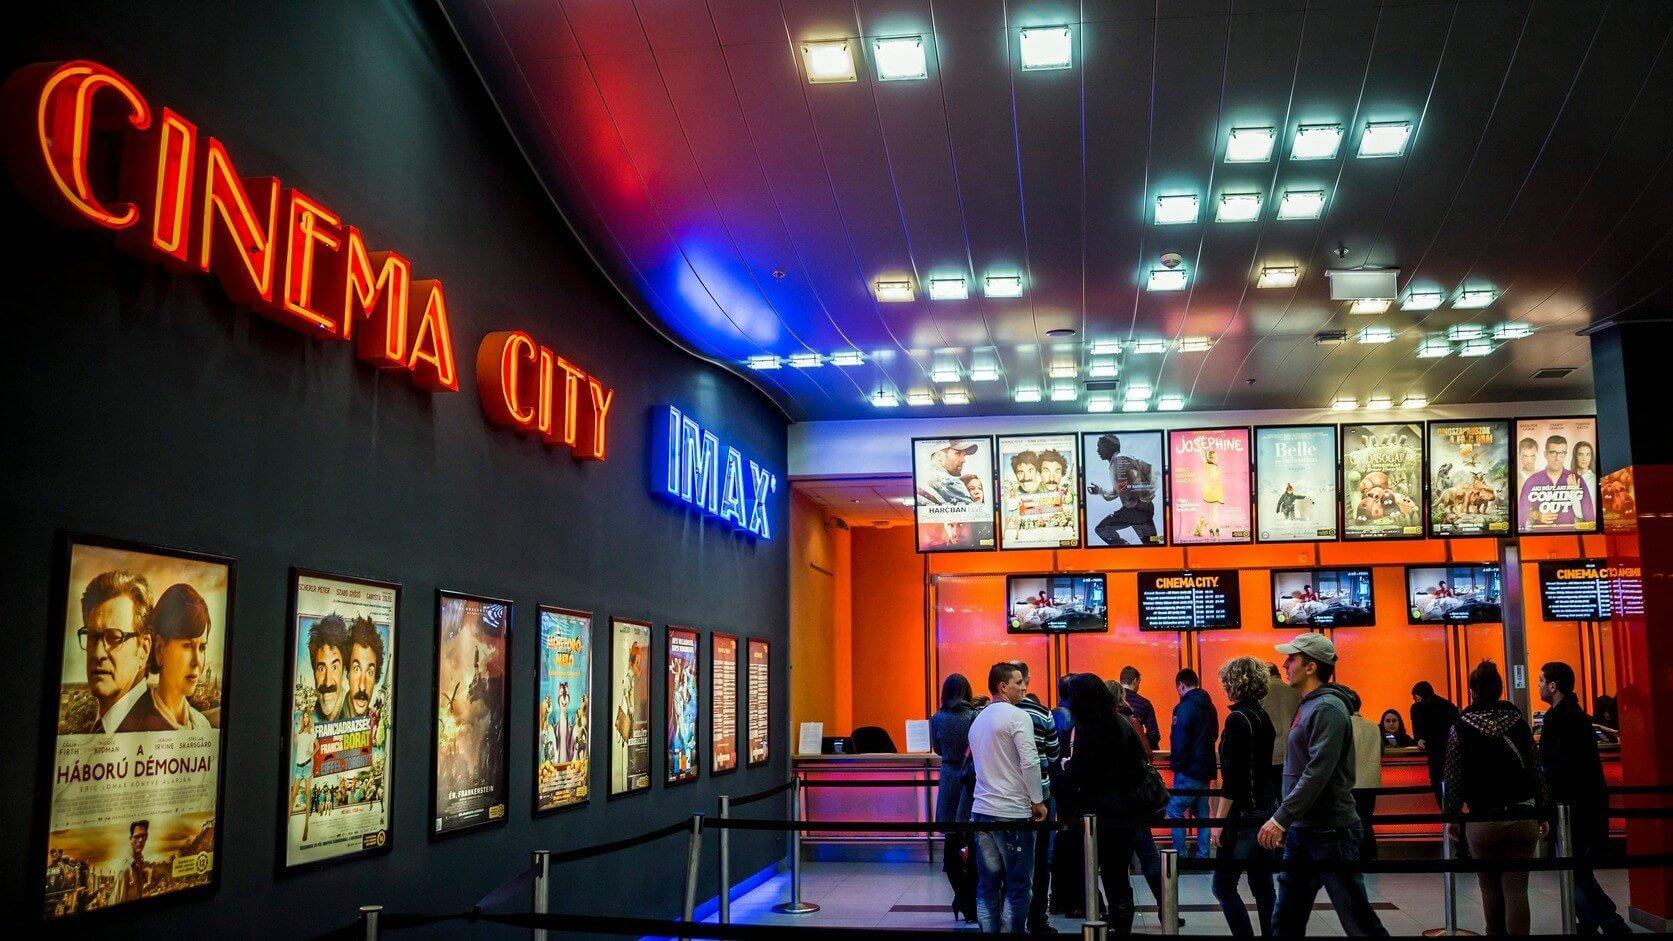 Új termet ad át Győrben a Cinema City, idén további öt városban fejleszt